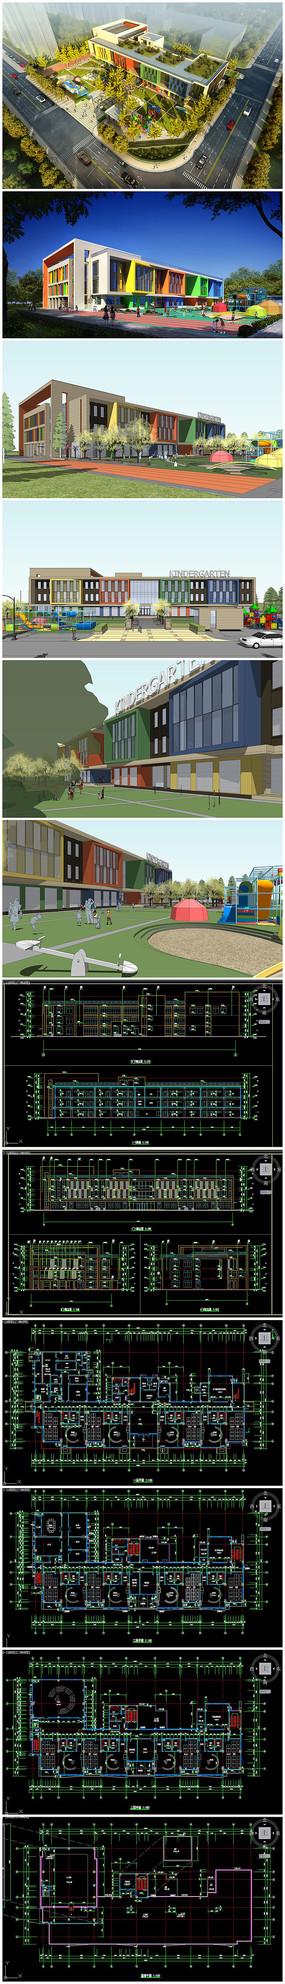 社区幼儿园建筑设计方案效果图图纸模型